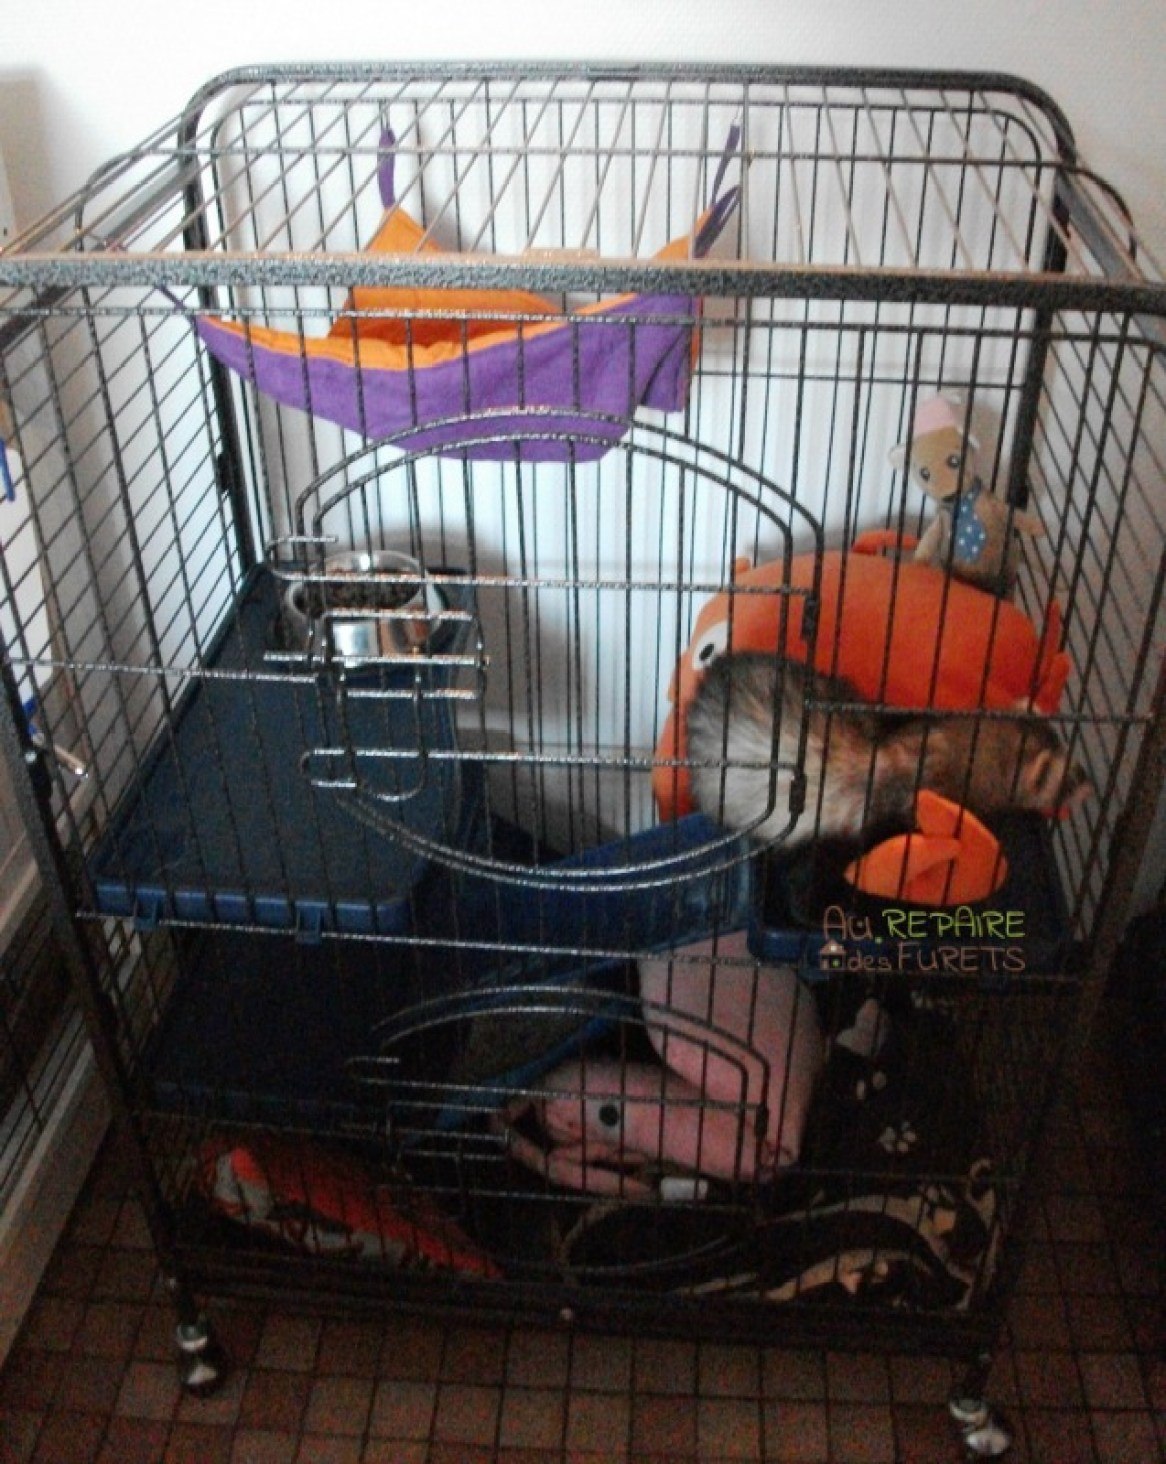 La cage id ale pour un furet au repaire des furets - Comment utiliser un furet ...